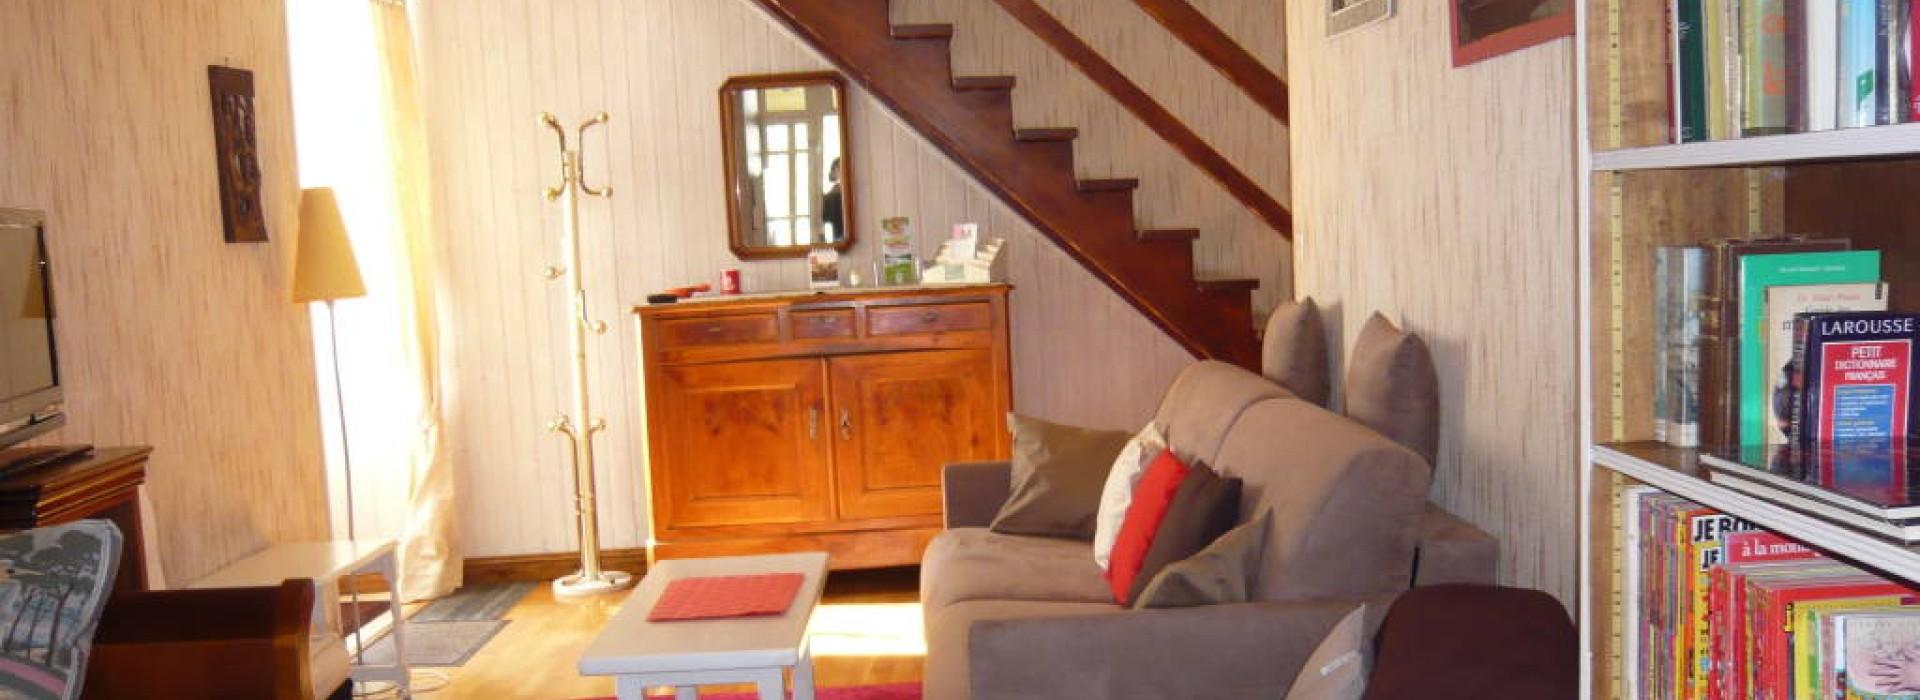 Gite les maisons de philomene la grande maison 6 pers for Les meubles de maison